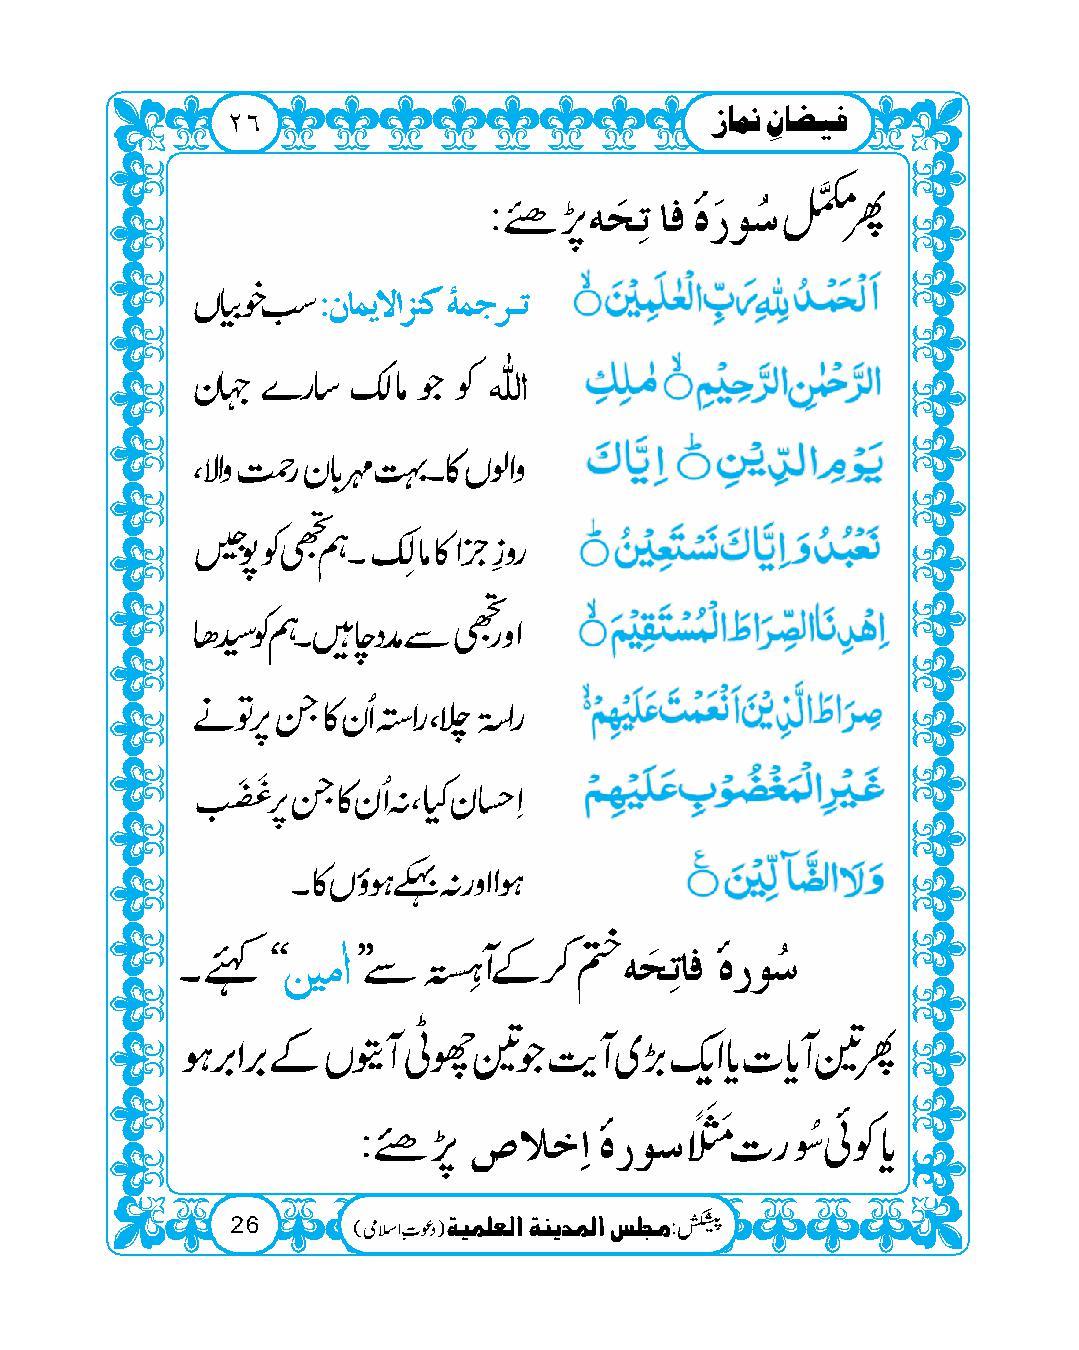 page No 26